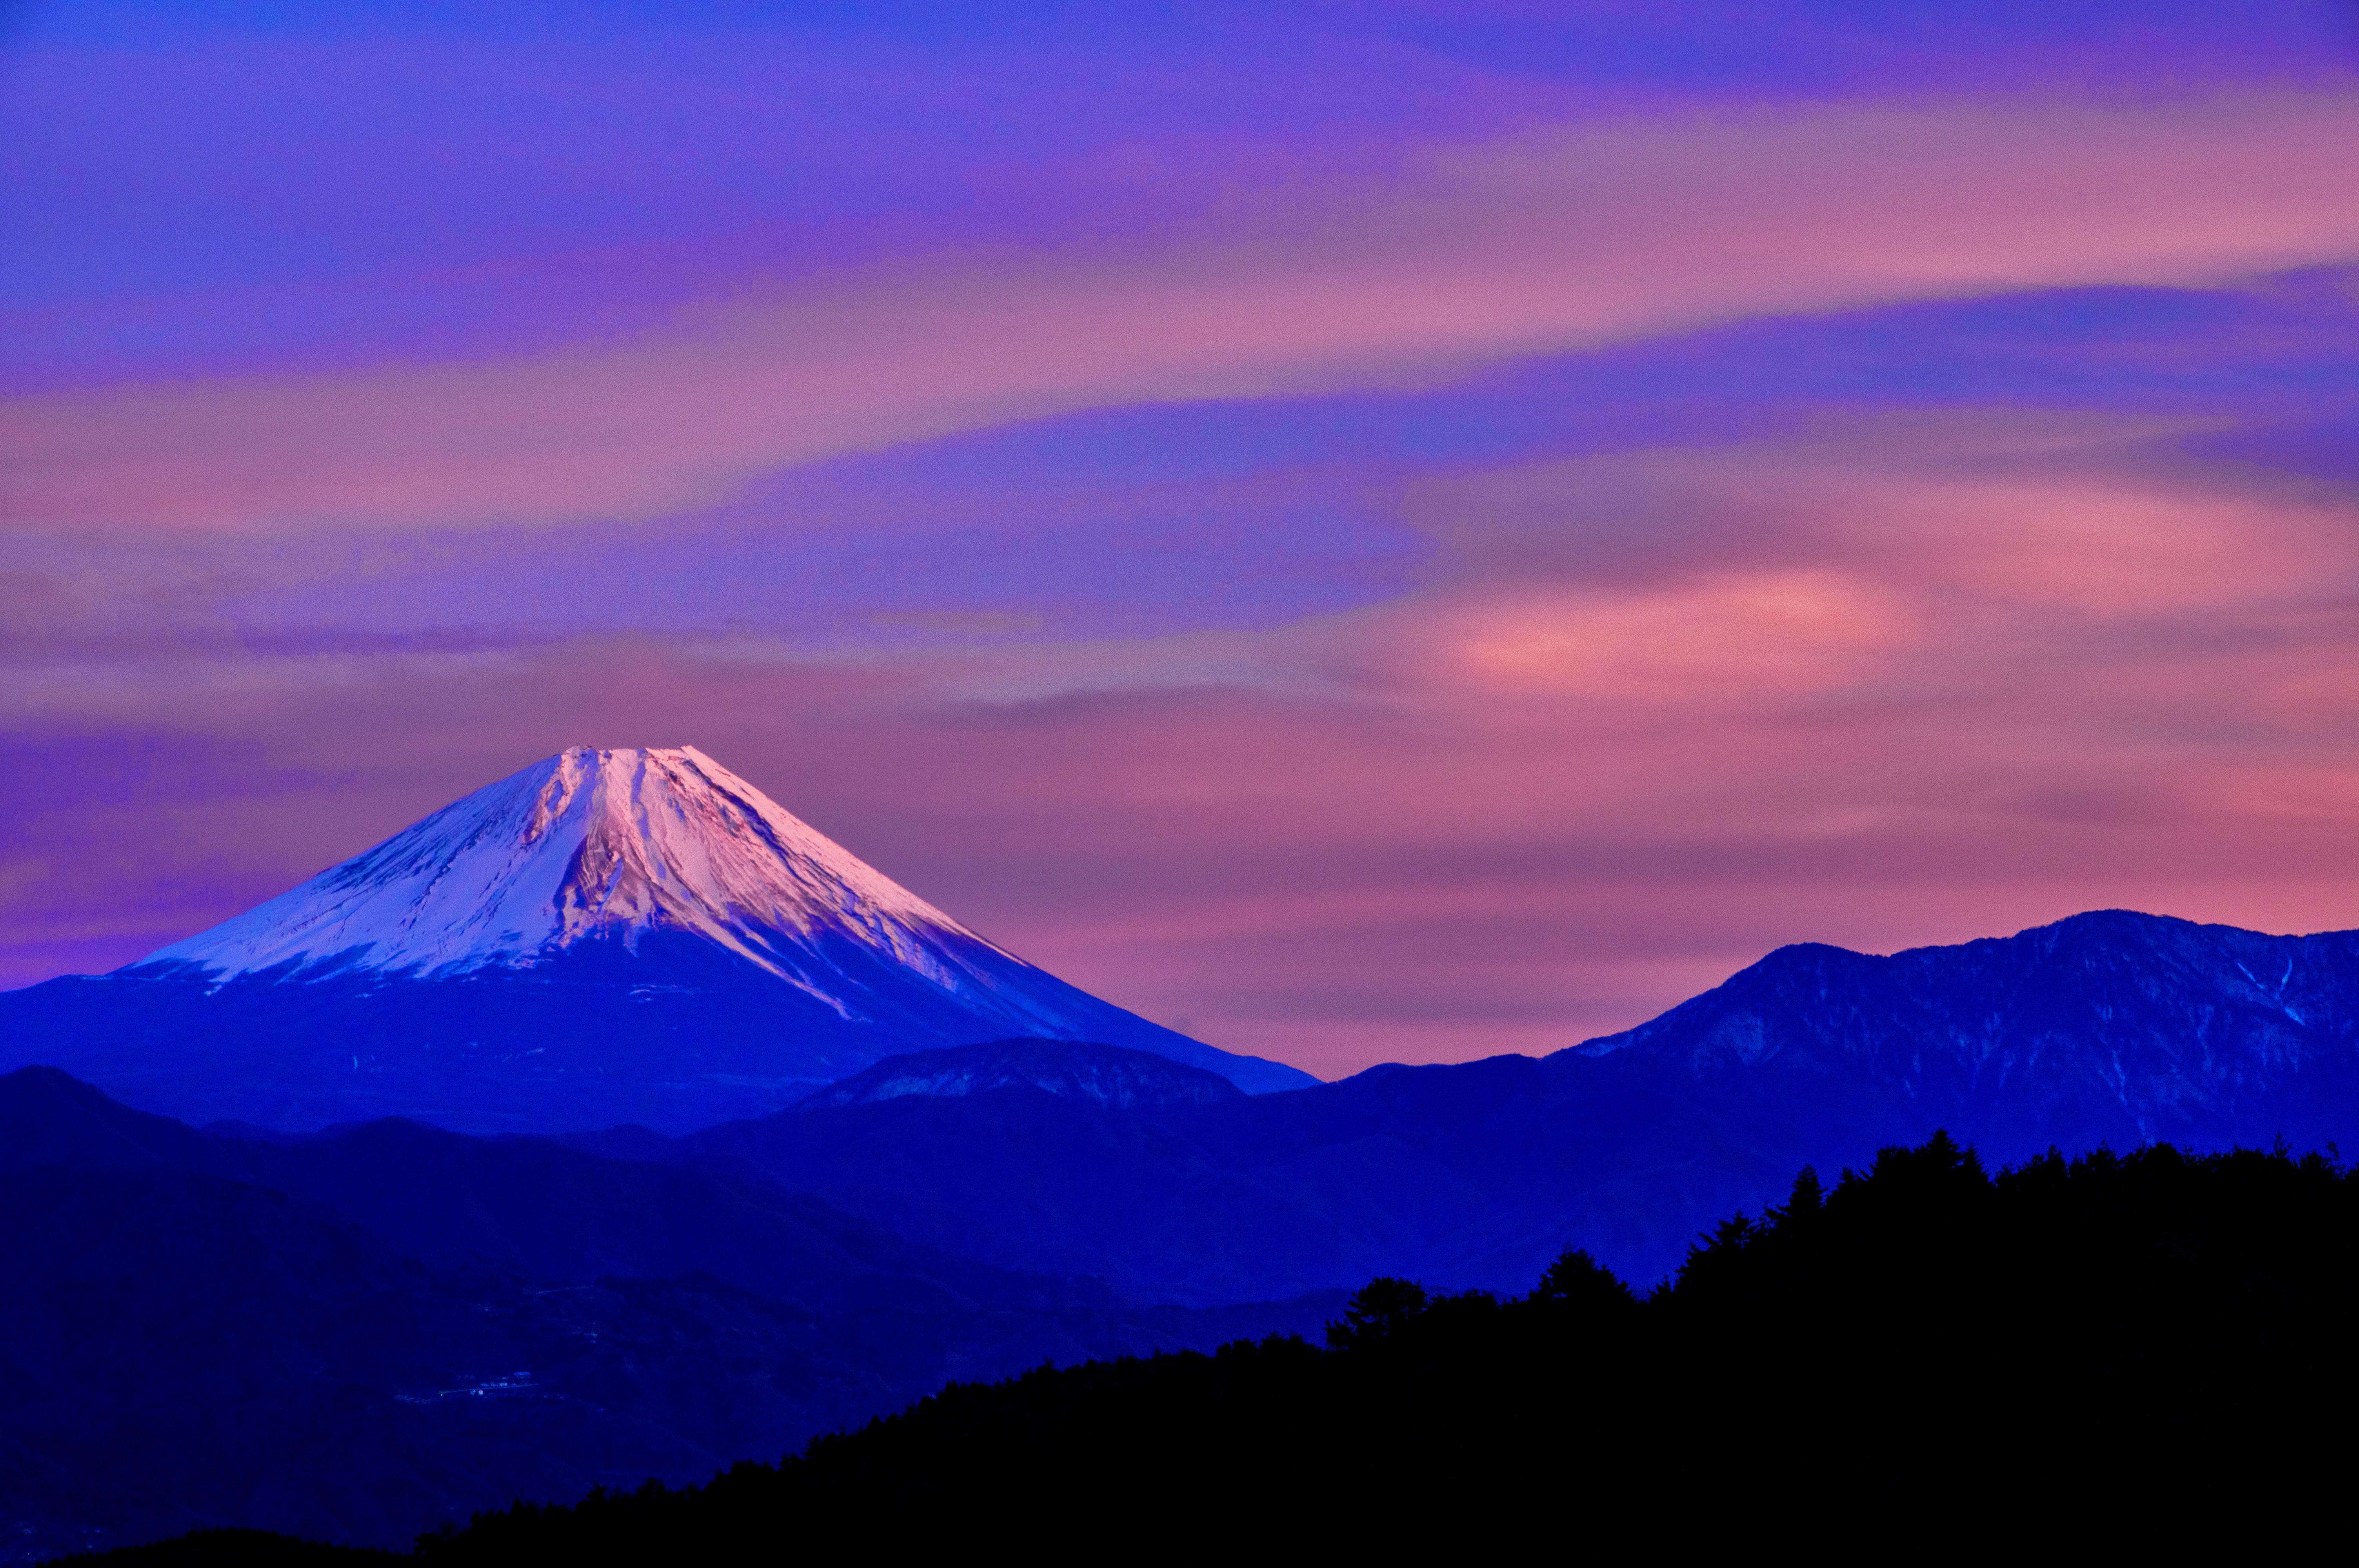 夕刻の富士。夕日もあたる